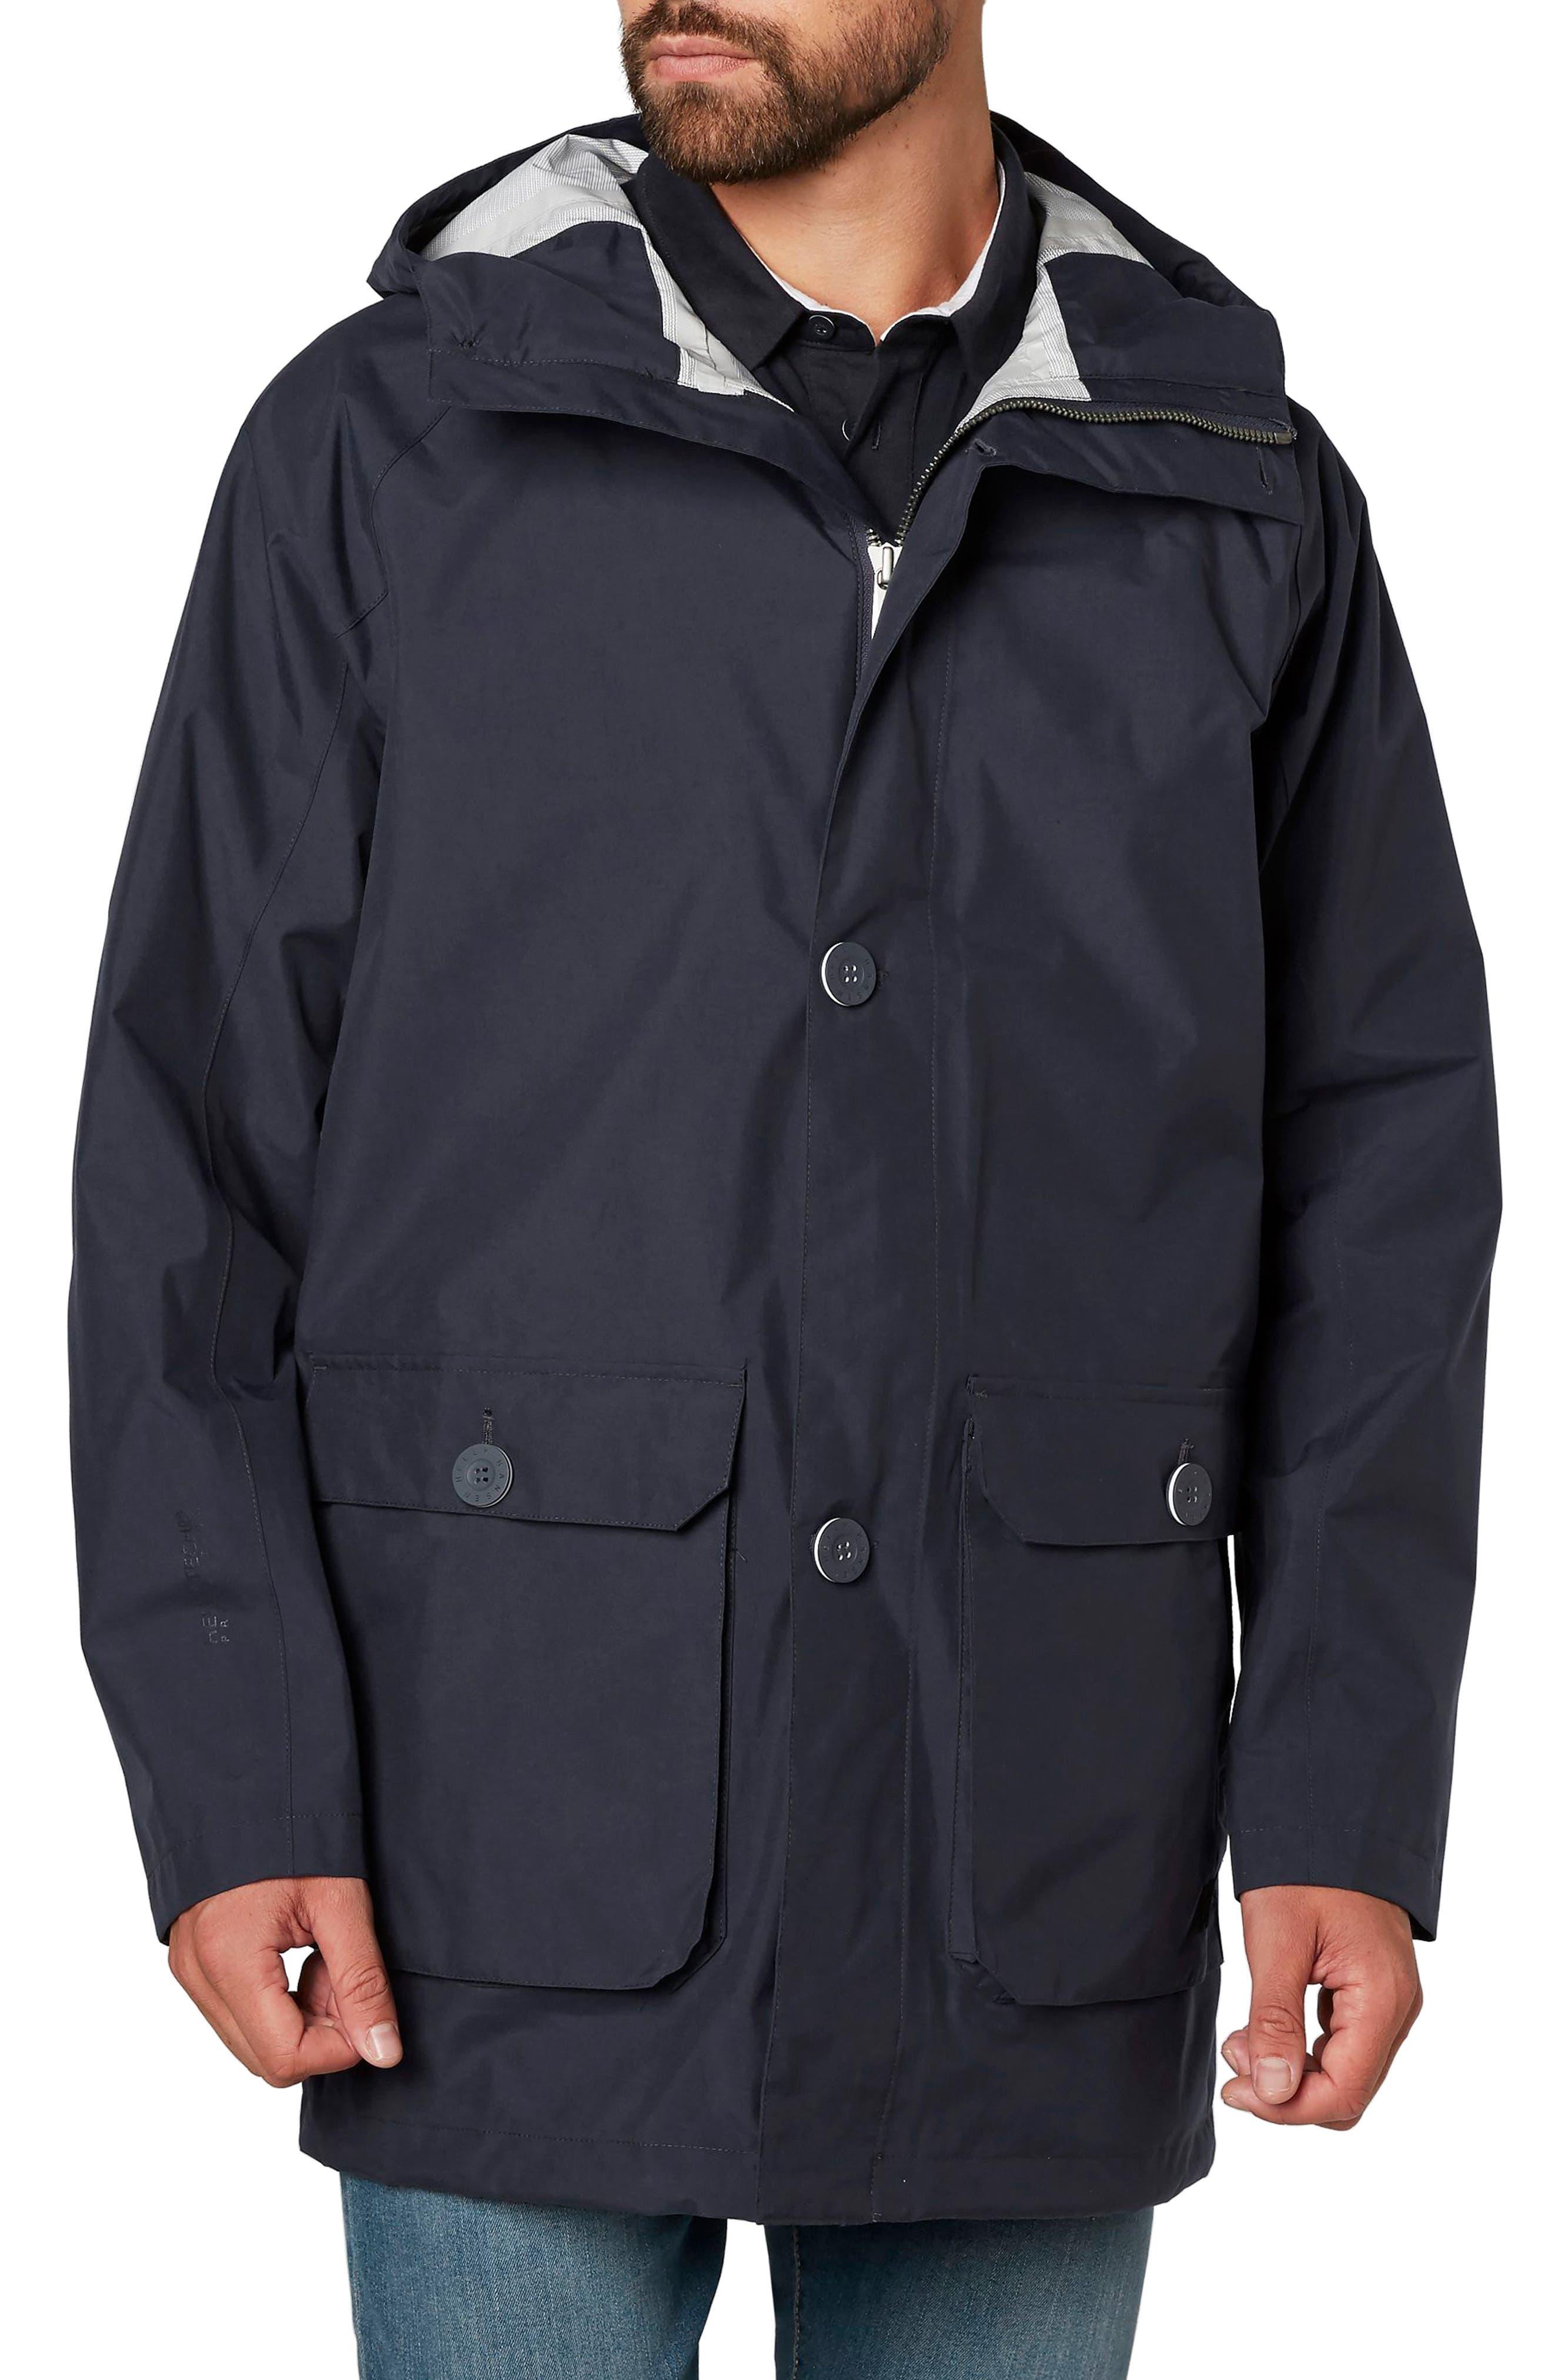 Elements Hooded Rain Jacket,                             Main thumbnail 1, color,                             494